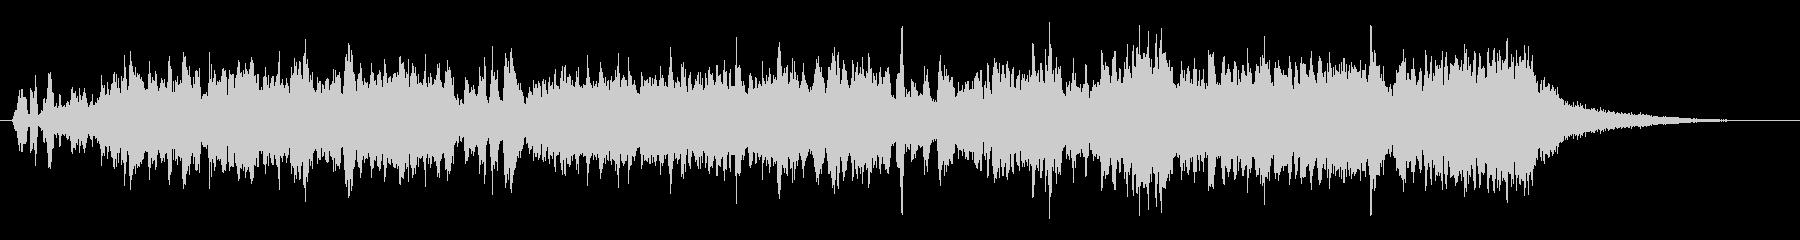 さばをテーマにした楽曲の未再生の波形